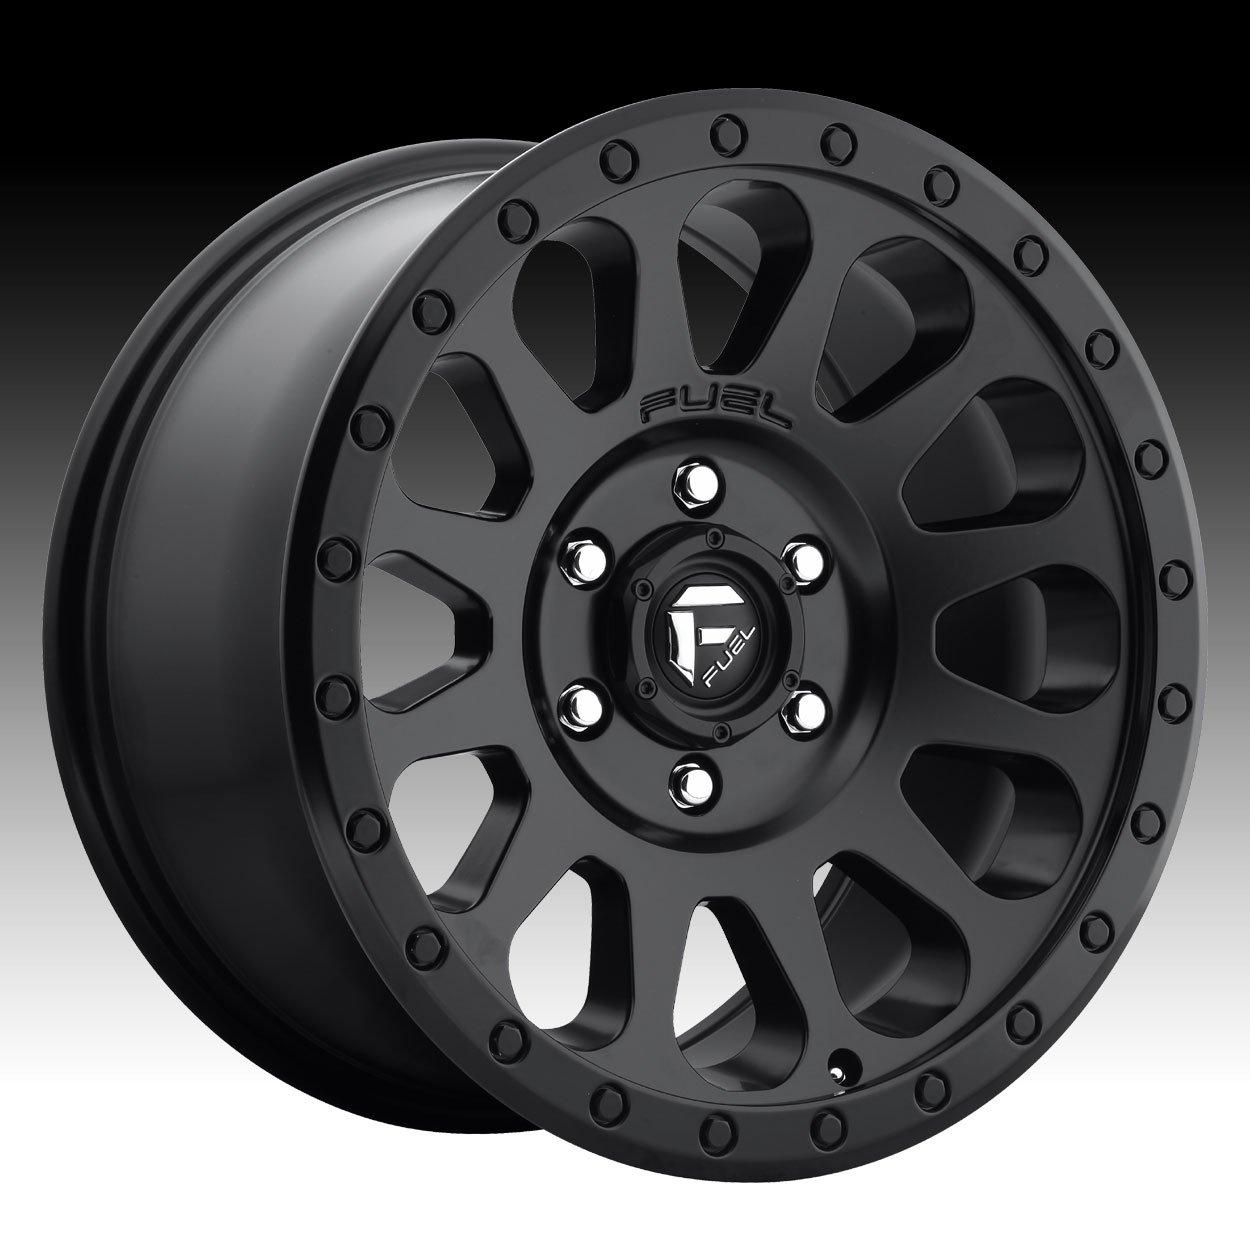 Fuel D579 Vector 16x8 6x114.3 +15mm Matte Black Wheel Rim